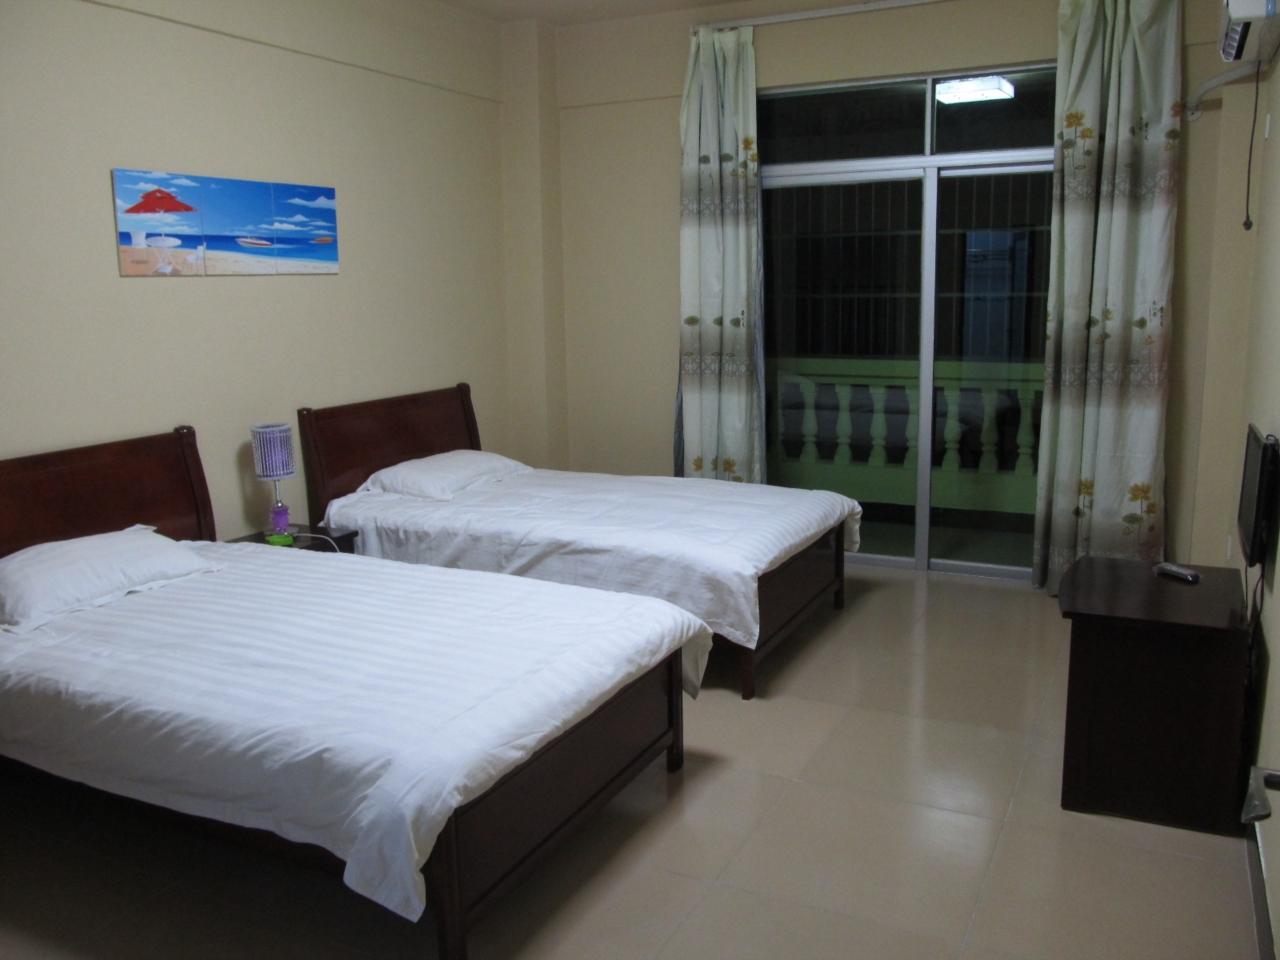 三亚馨家旅馆公寓标准双人间_房产资讯_哈尔滨论坛